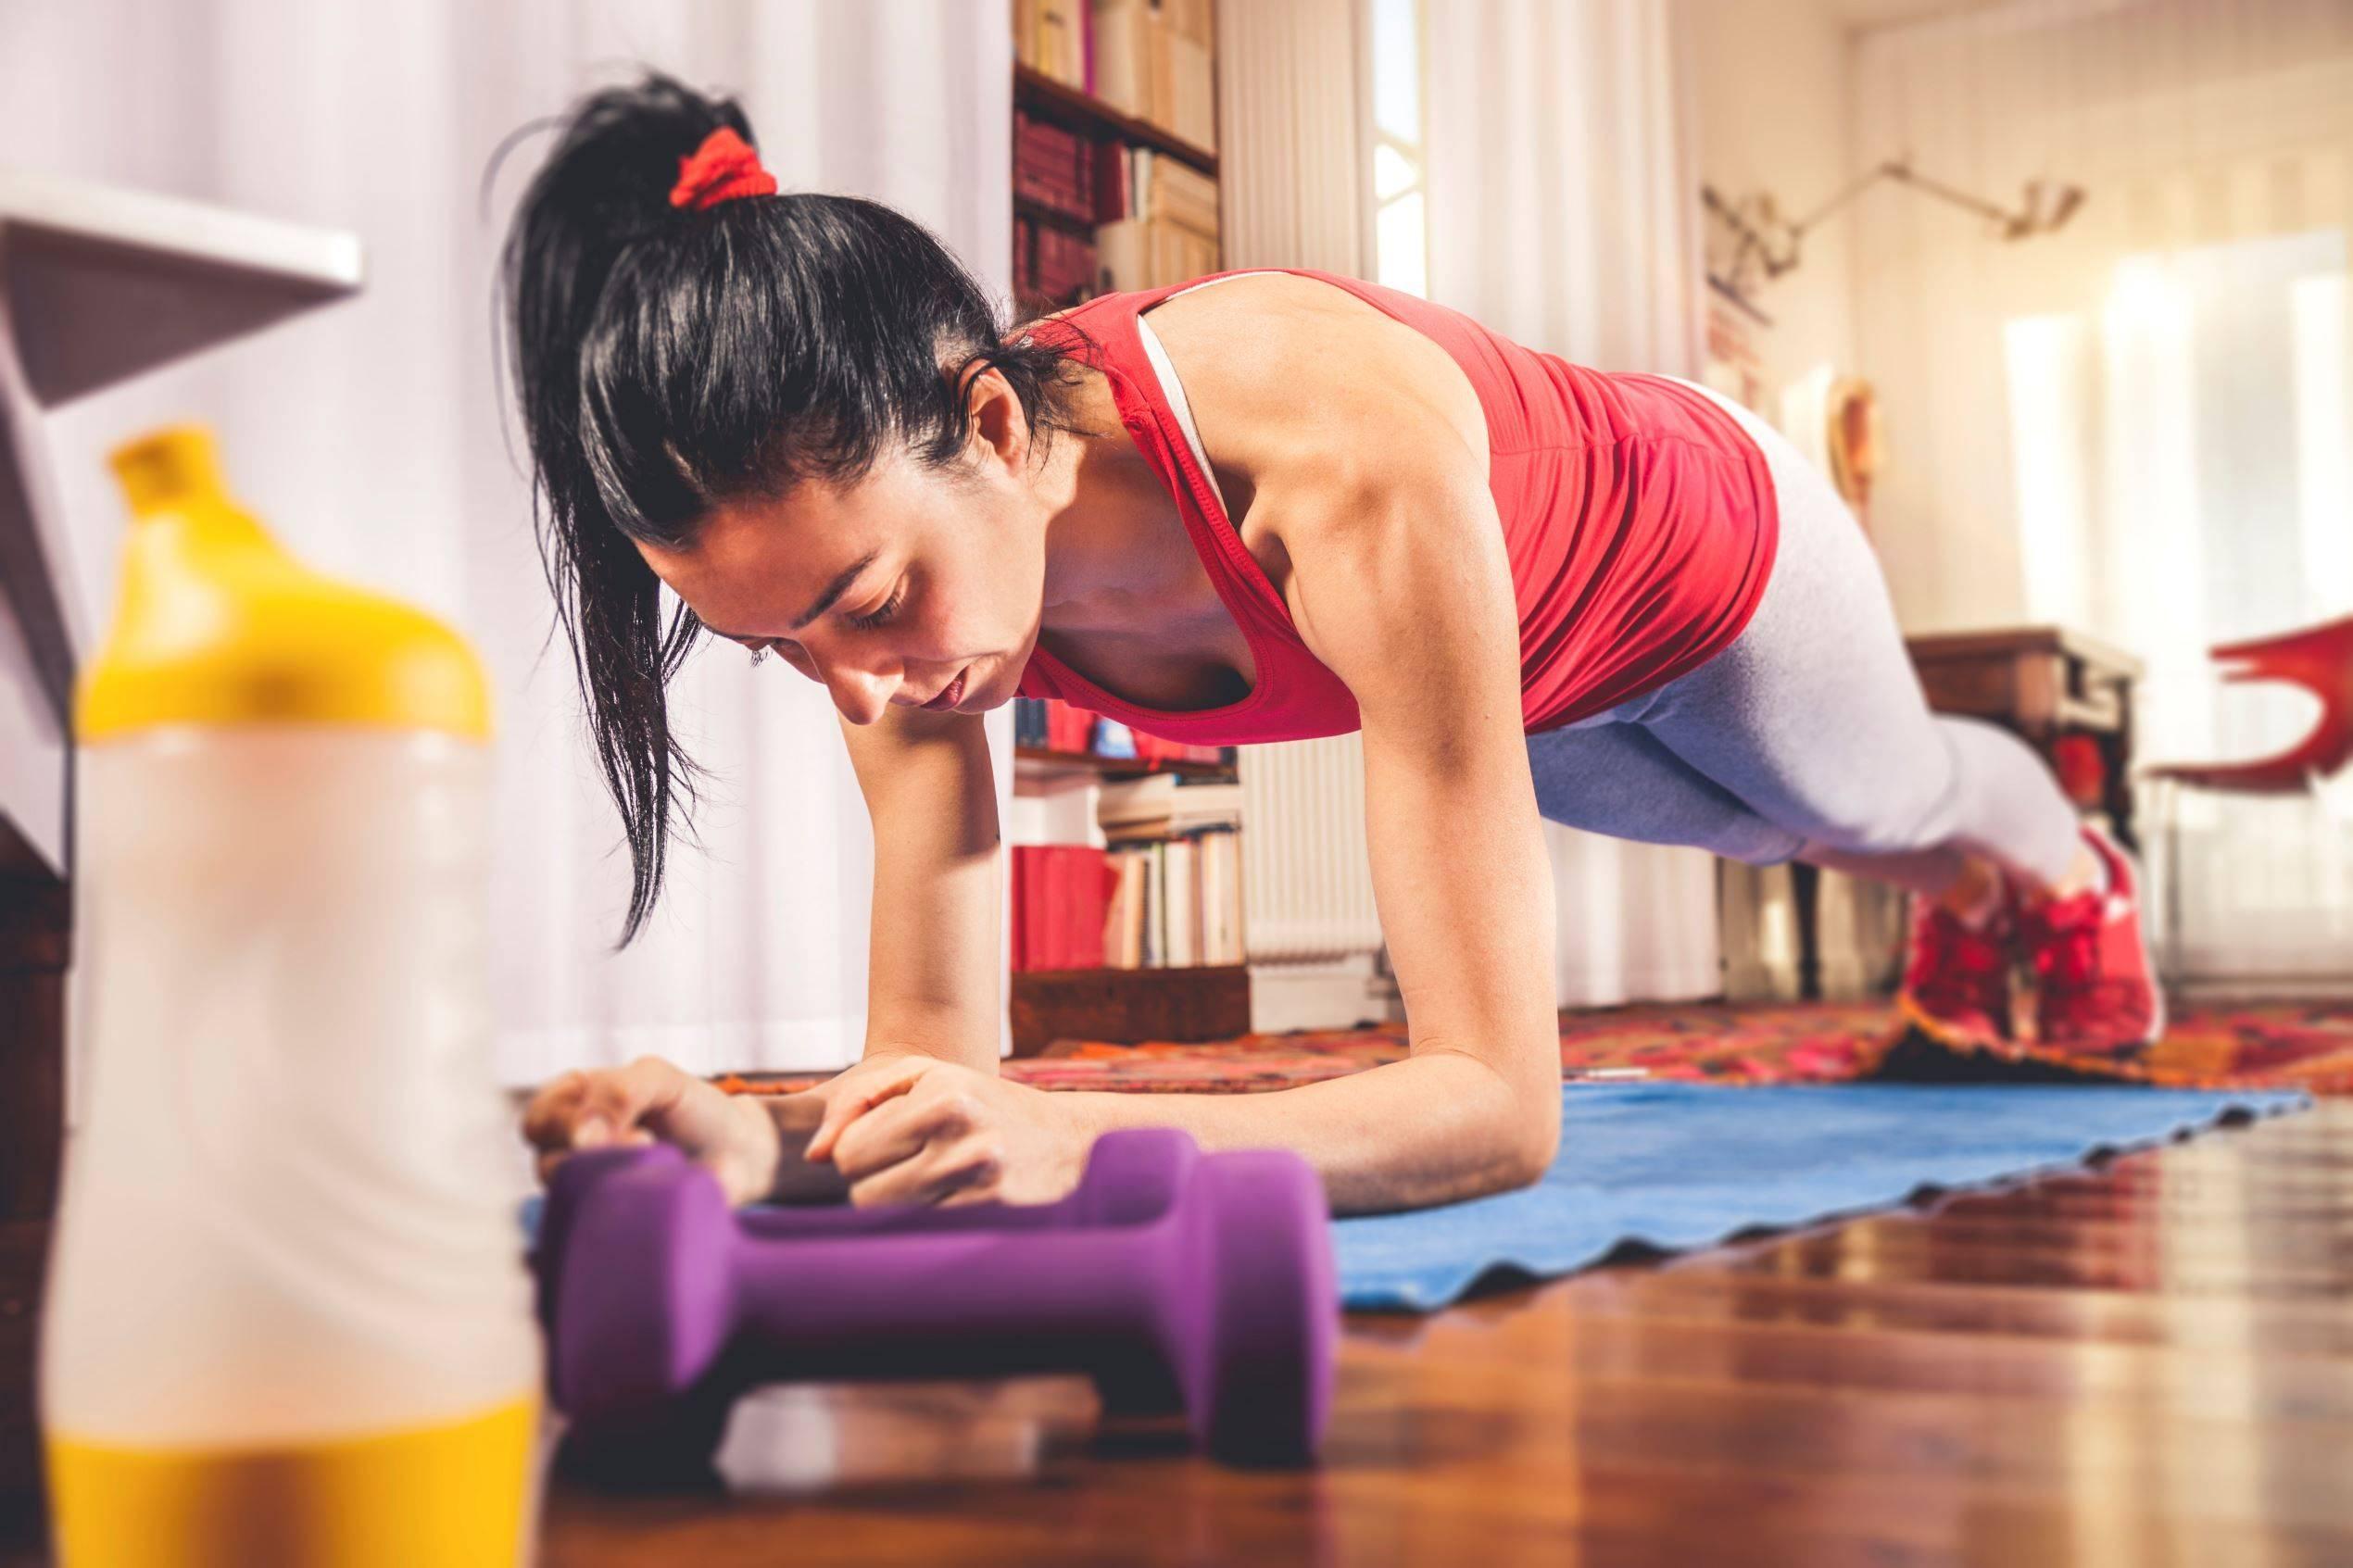 Как заставить себя похудеть: где брать мотивацию, как меньше есть и заняться спортом?